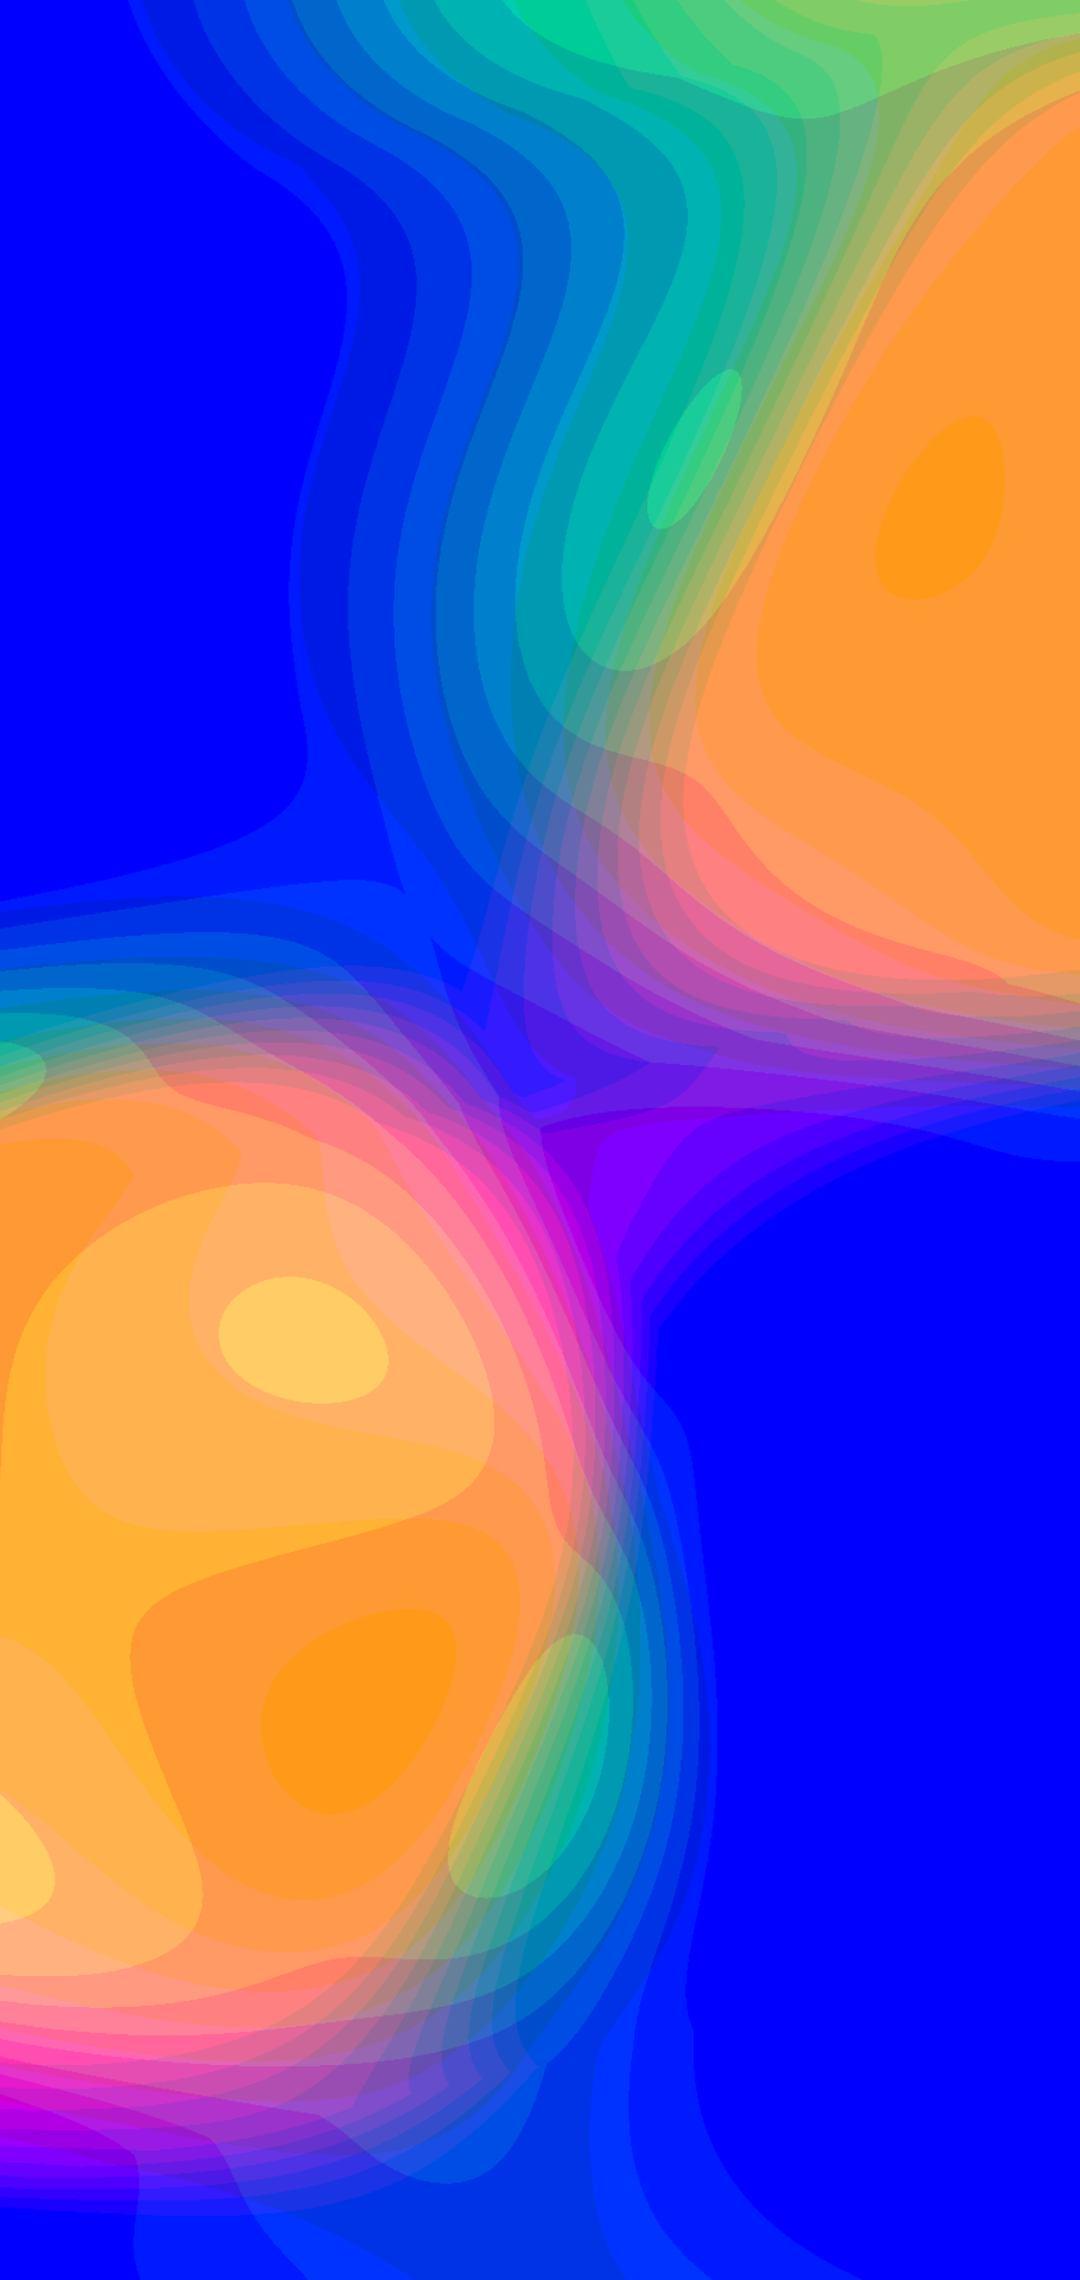 Hintergrund huawei p20 lite